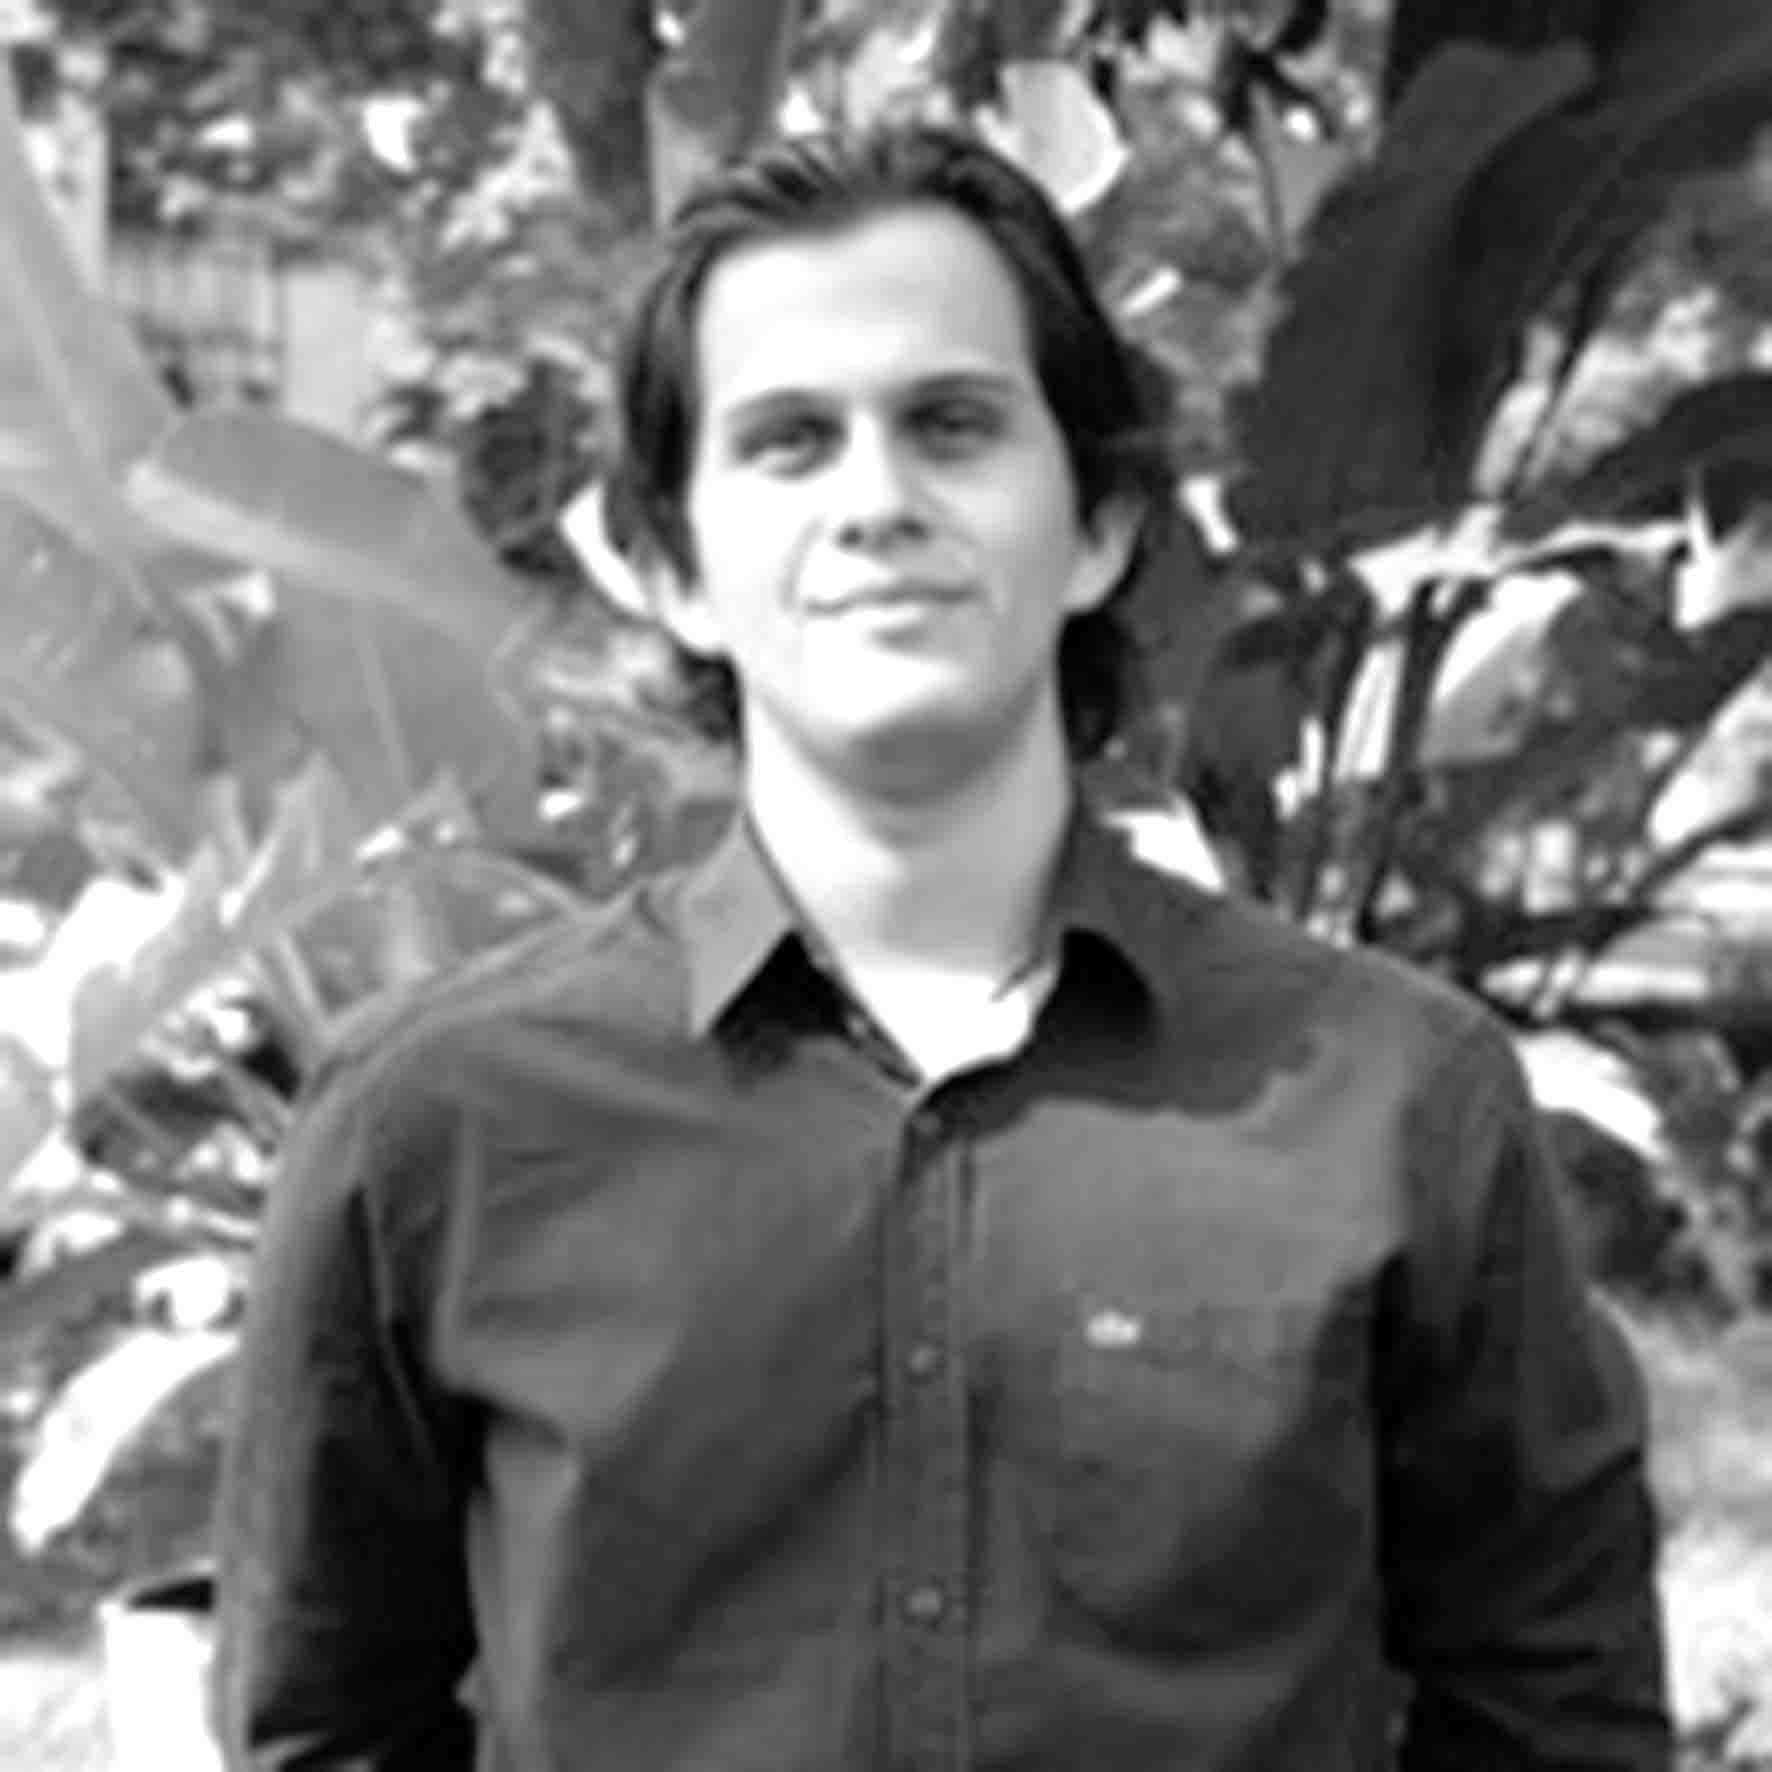 Nuevo precio máximo para la vivienda de interés social Por: Marlon Orlando Sanguino Suárez * | EL FRENTE